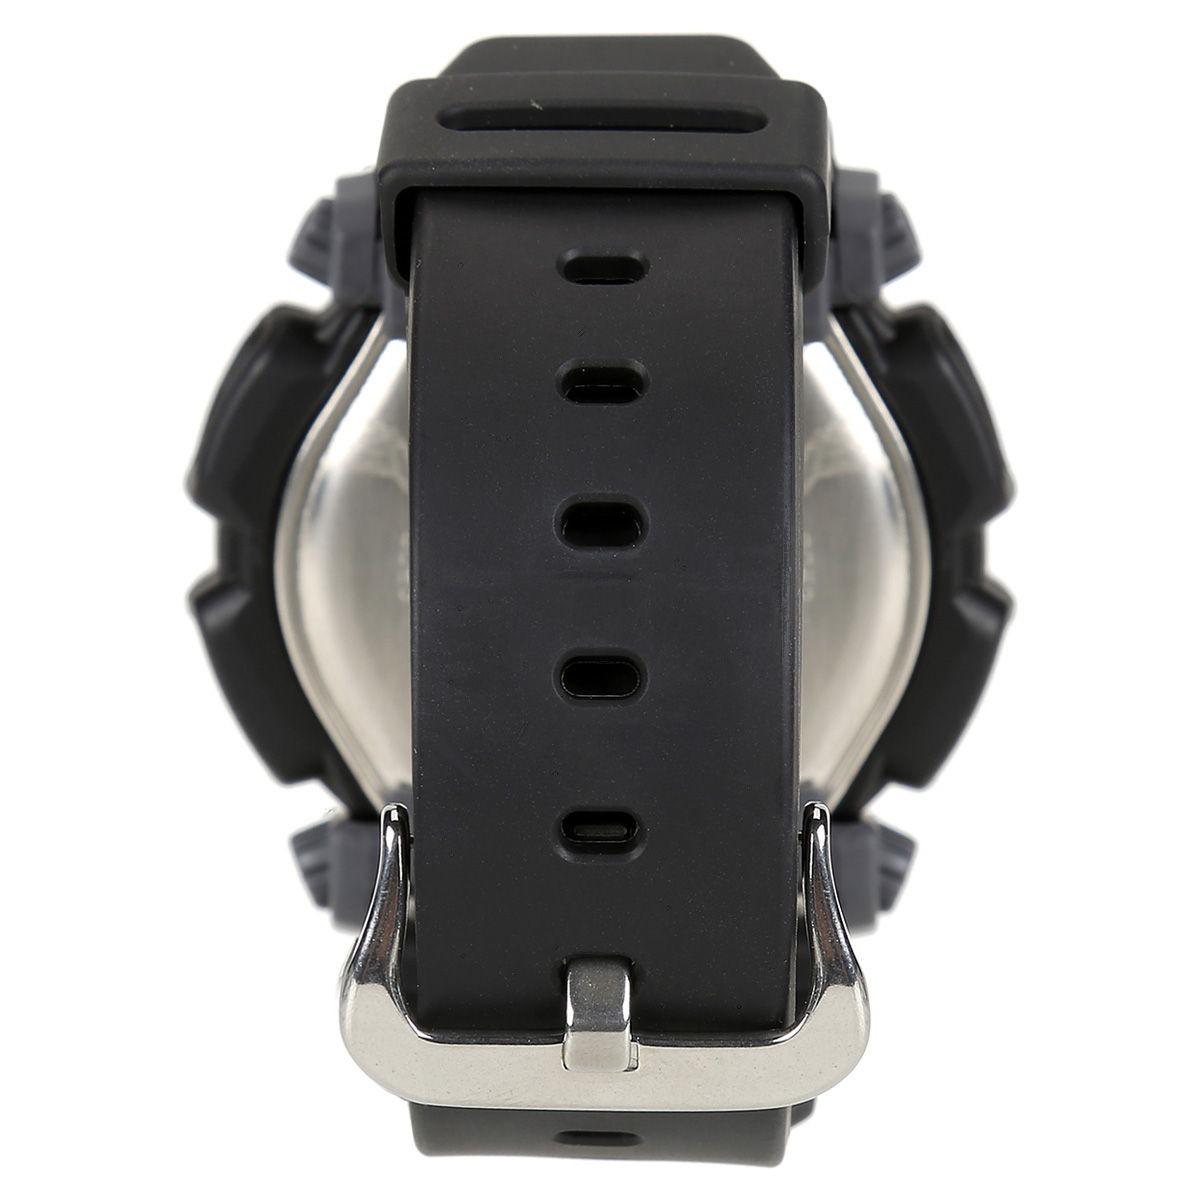 02b83ea65e9 relógio casio g-shock digital dw-9052-1vdr - original+ frete. Carregando  zoom.